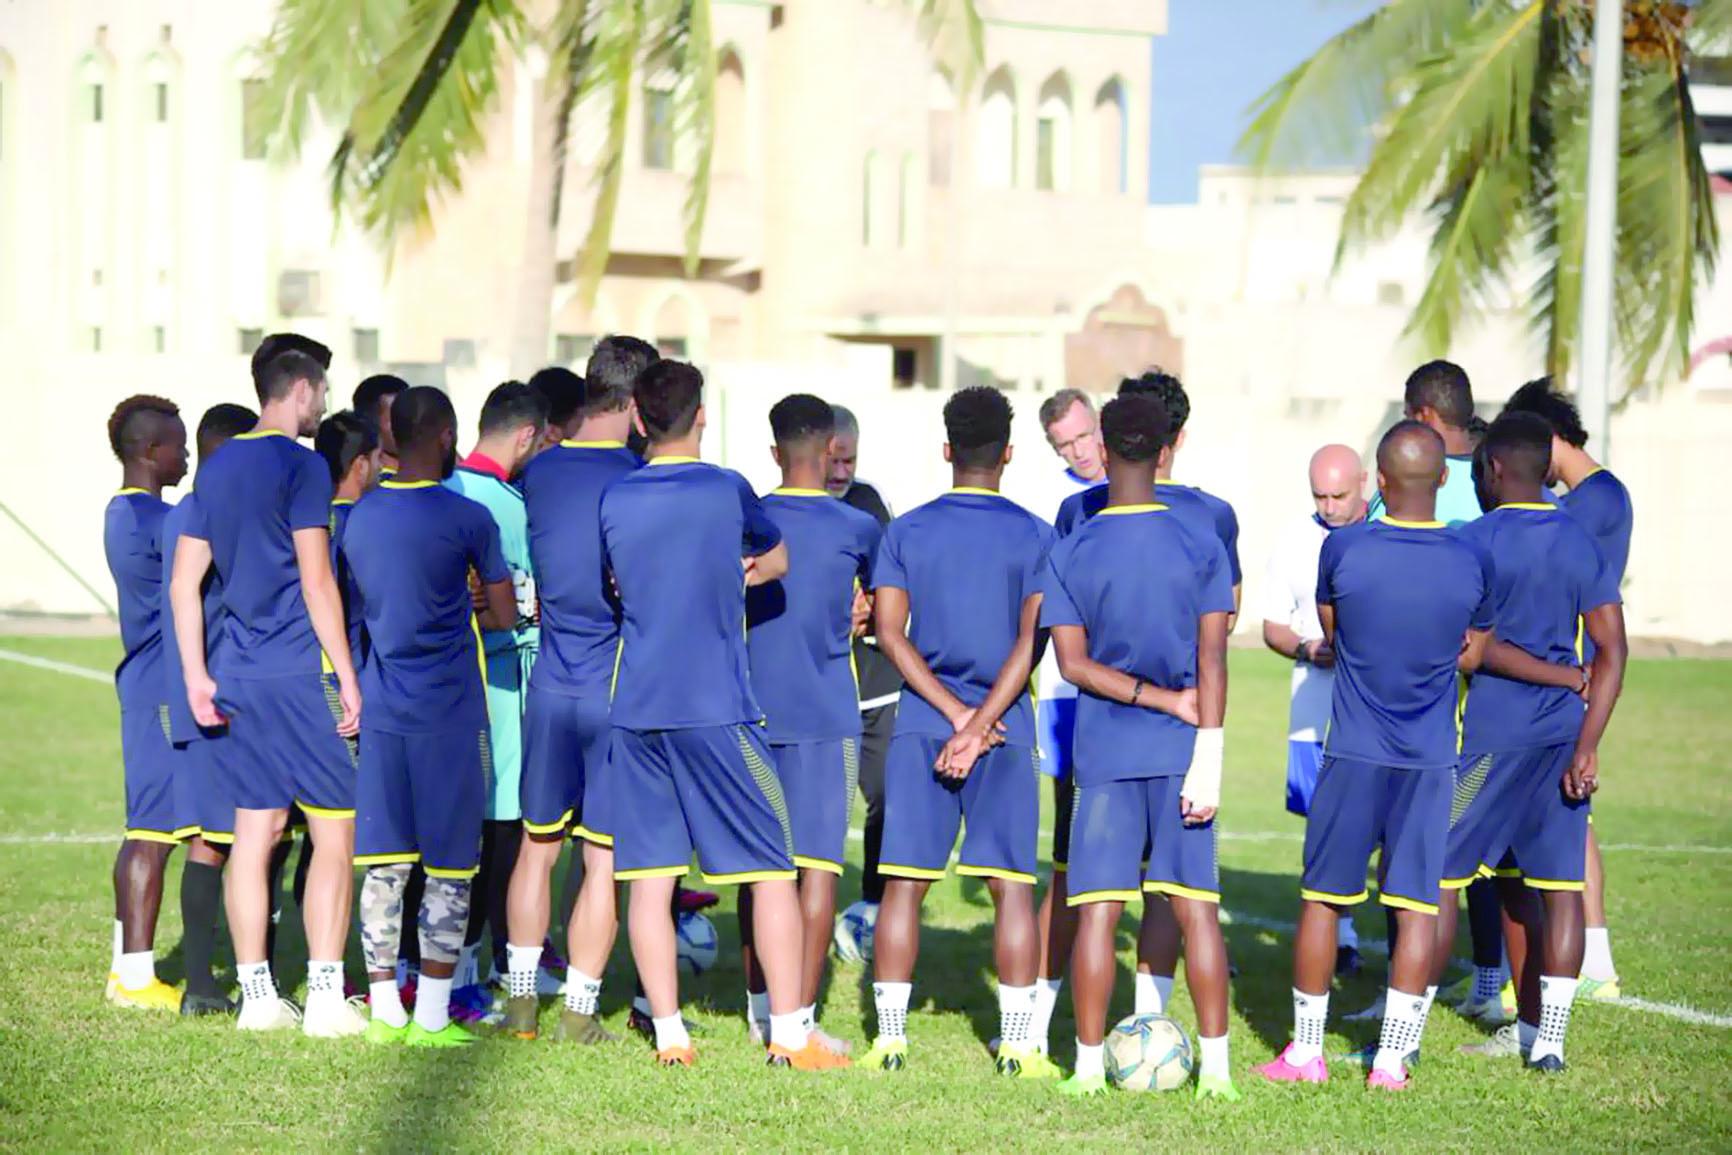 المطلوب هدف واحد بملحق إياب كأس الاتحاد الآسيويالنصر في مهمة «خاصة» أمام هلال القدس